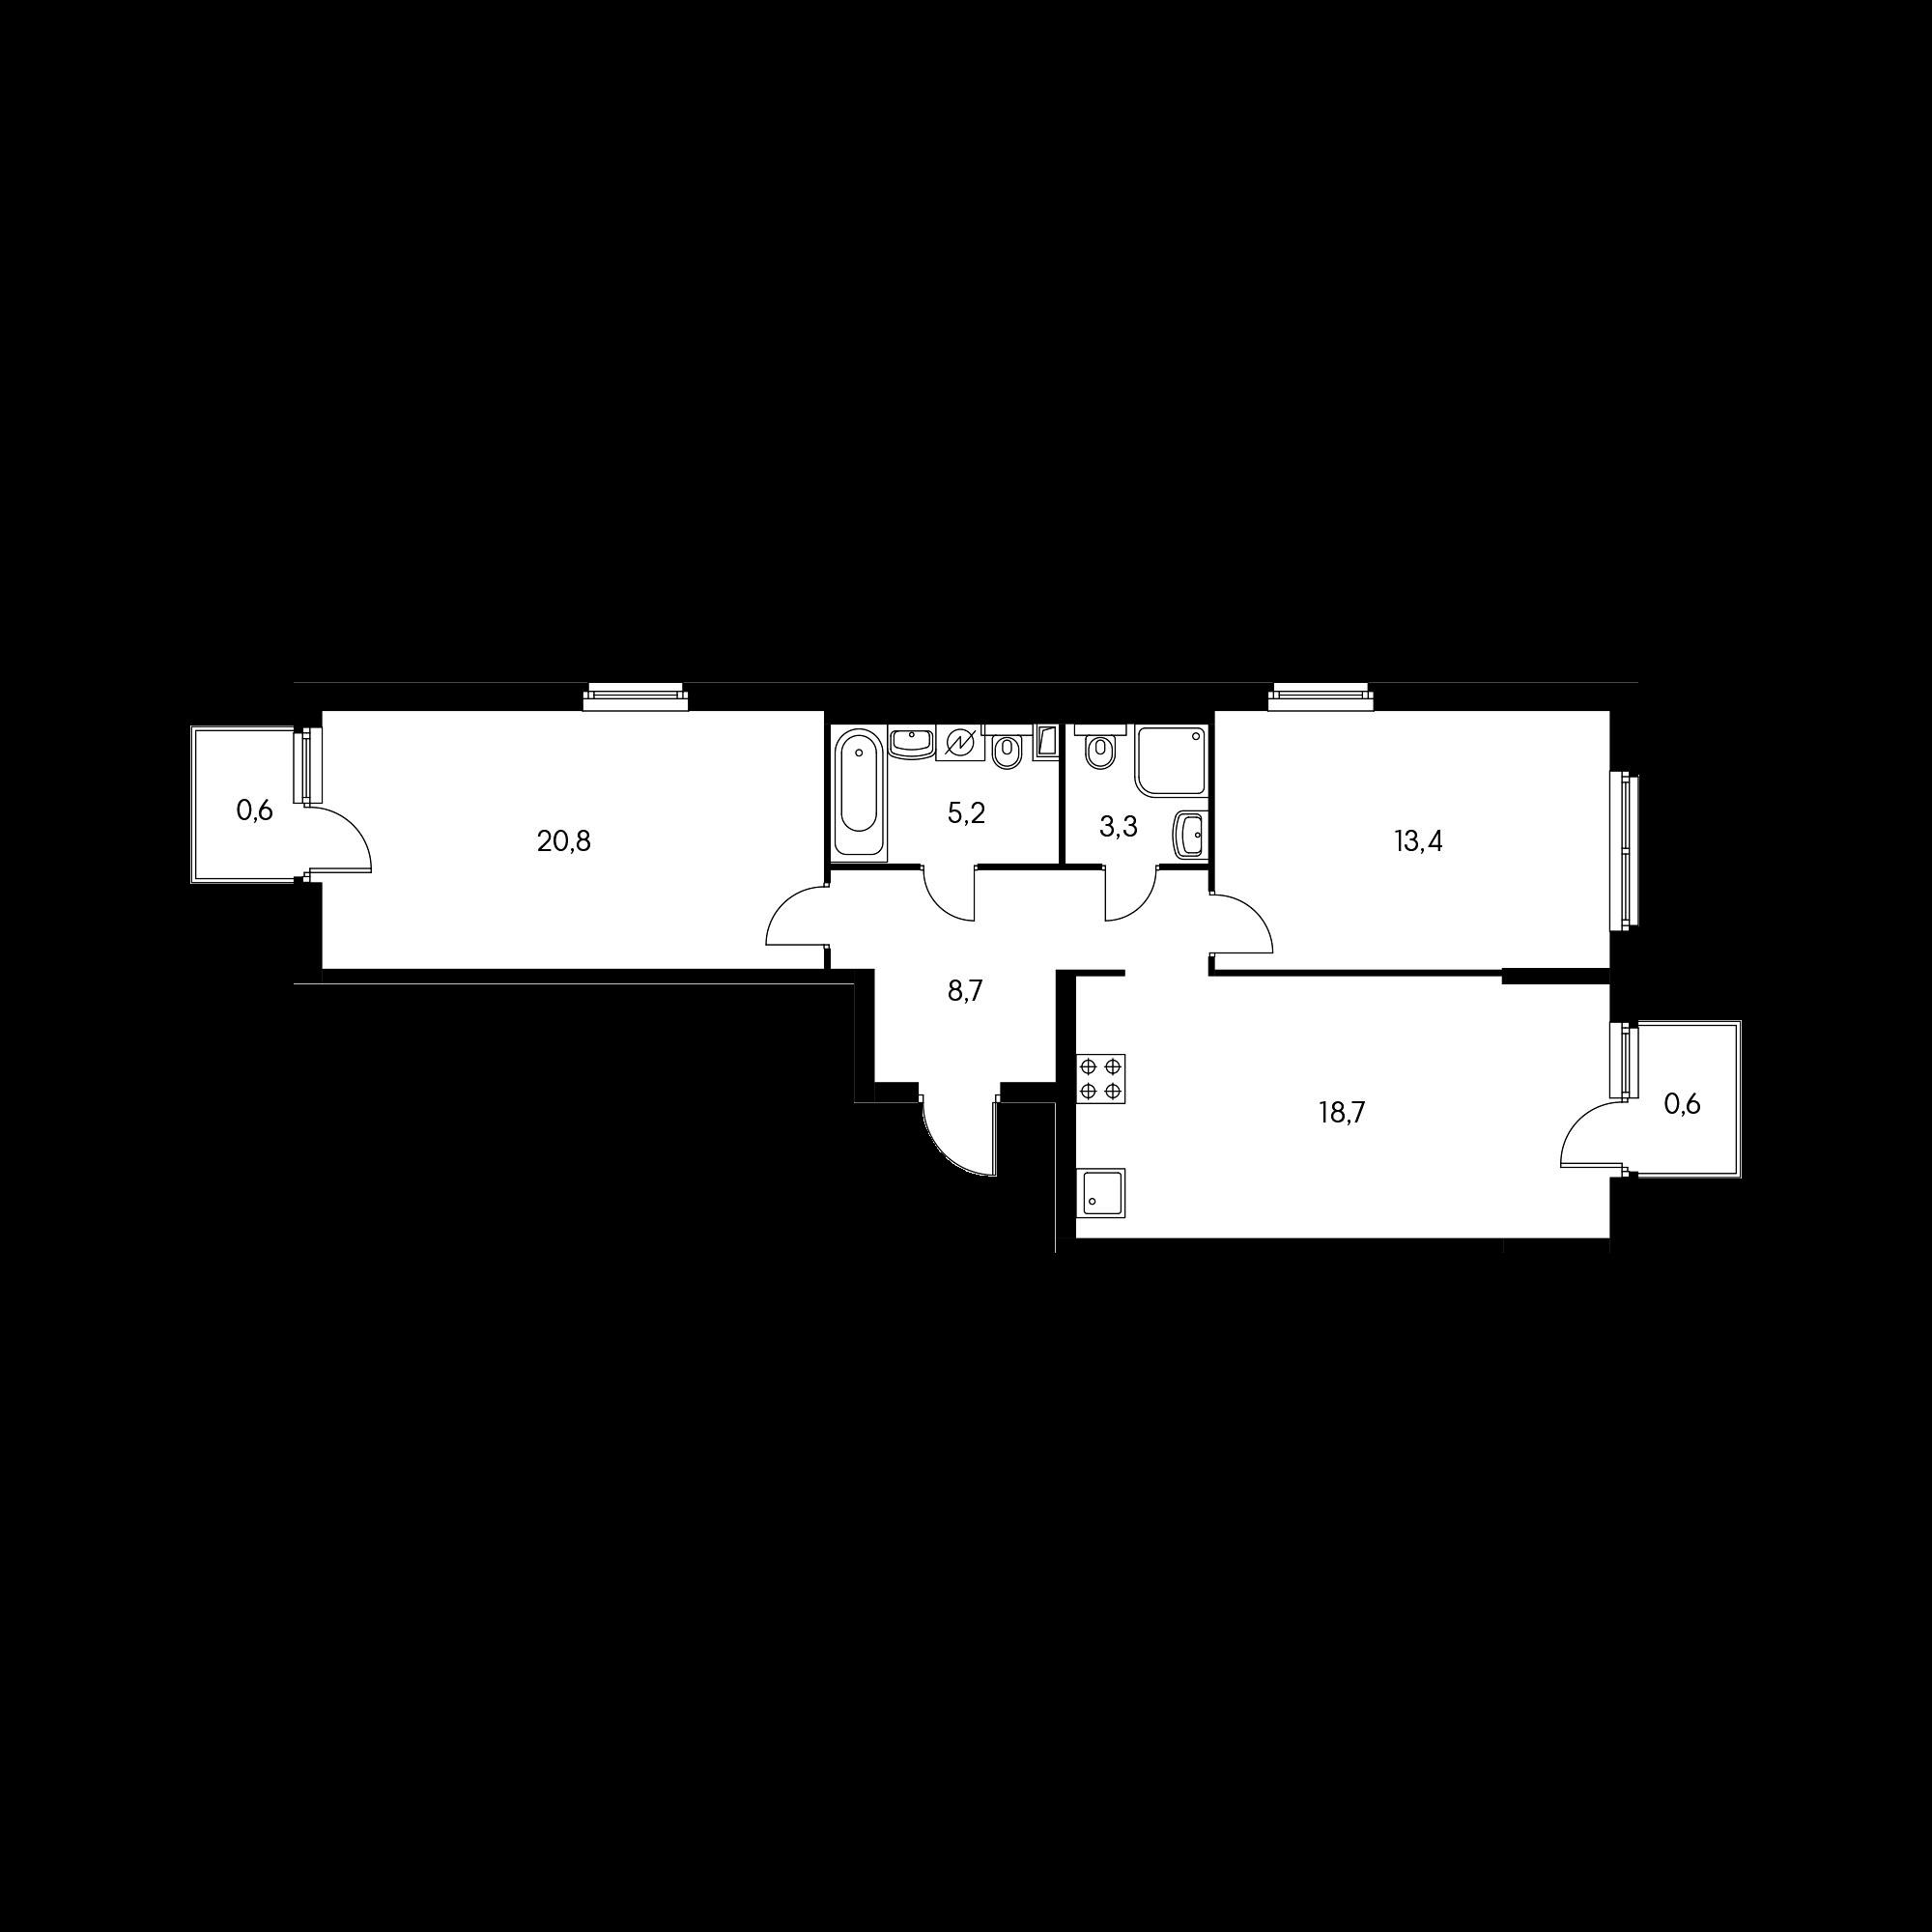 2EL3-T-B4